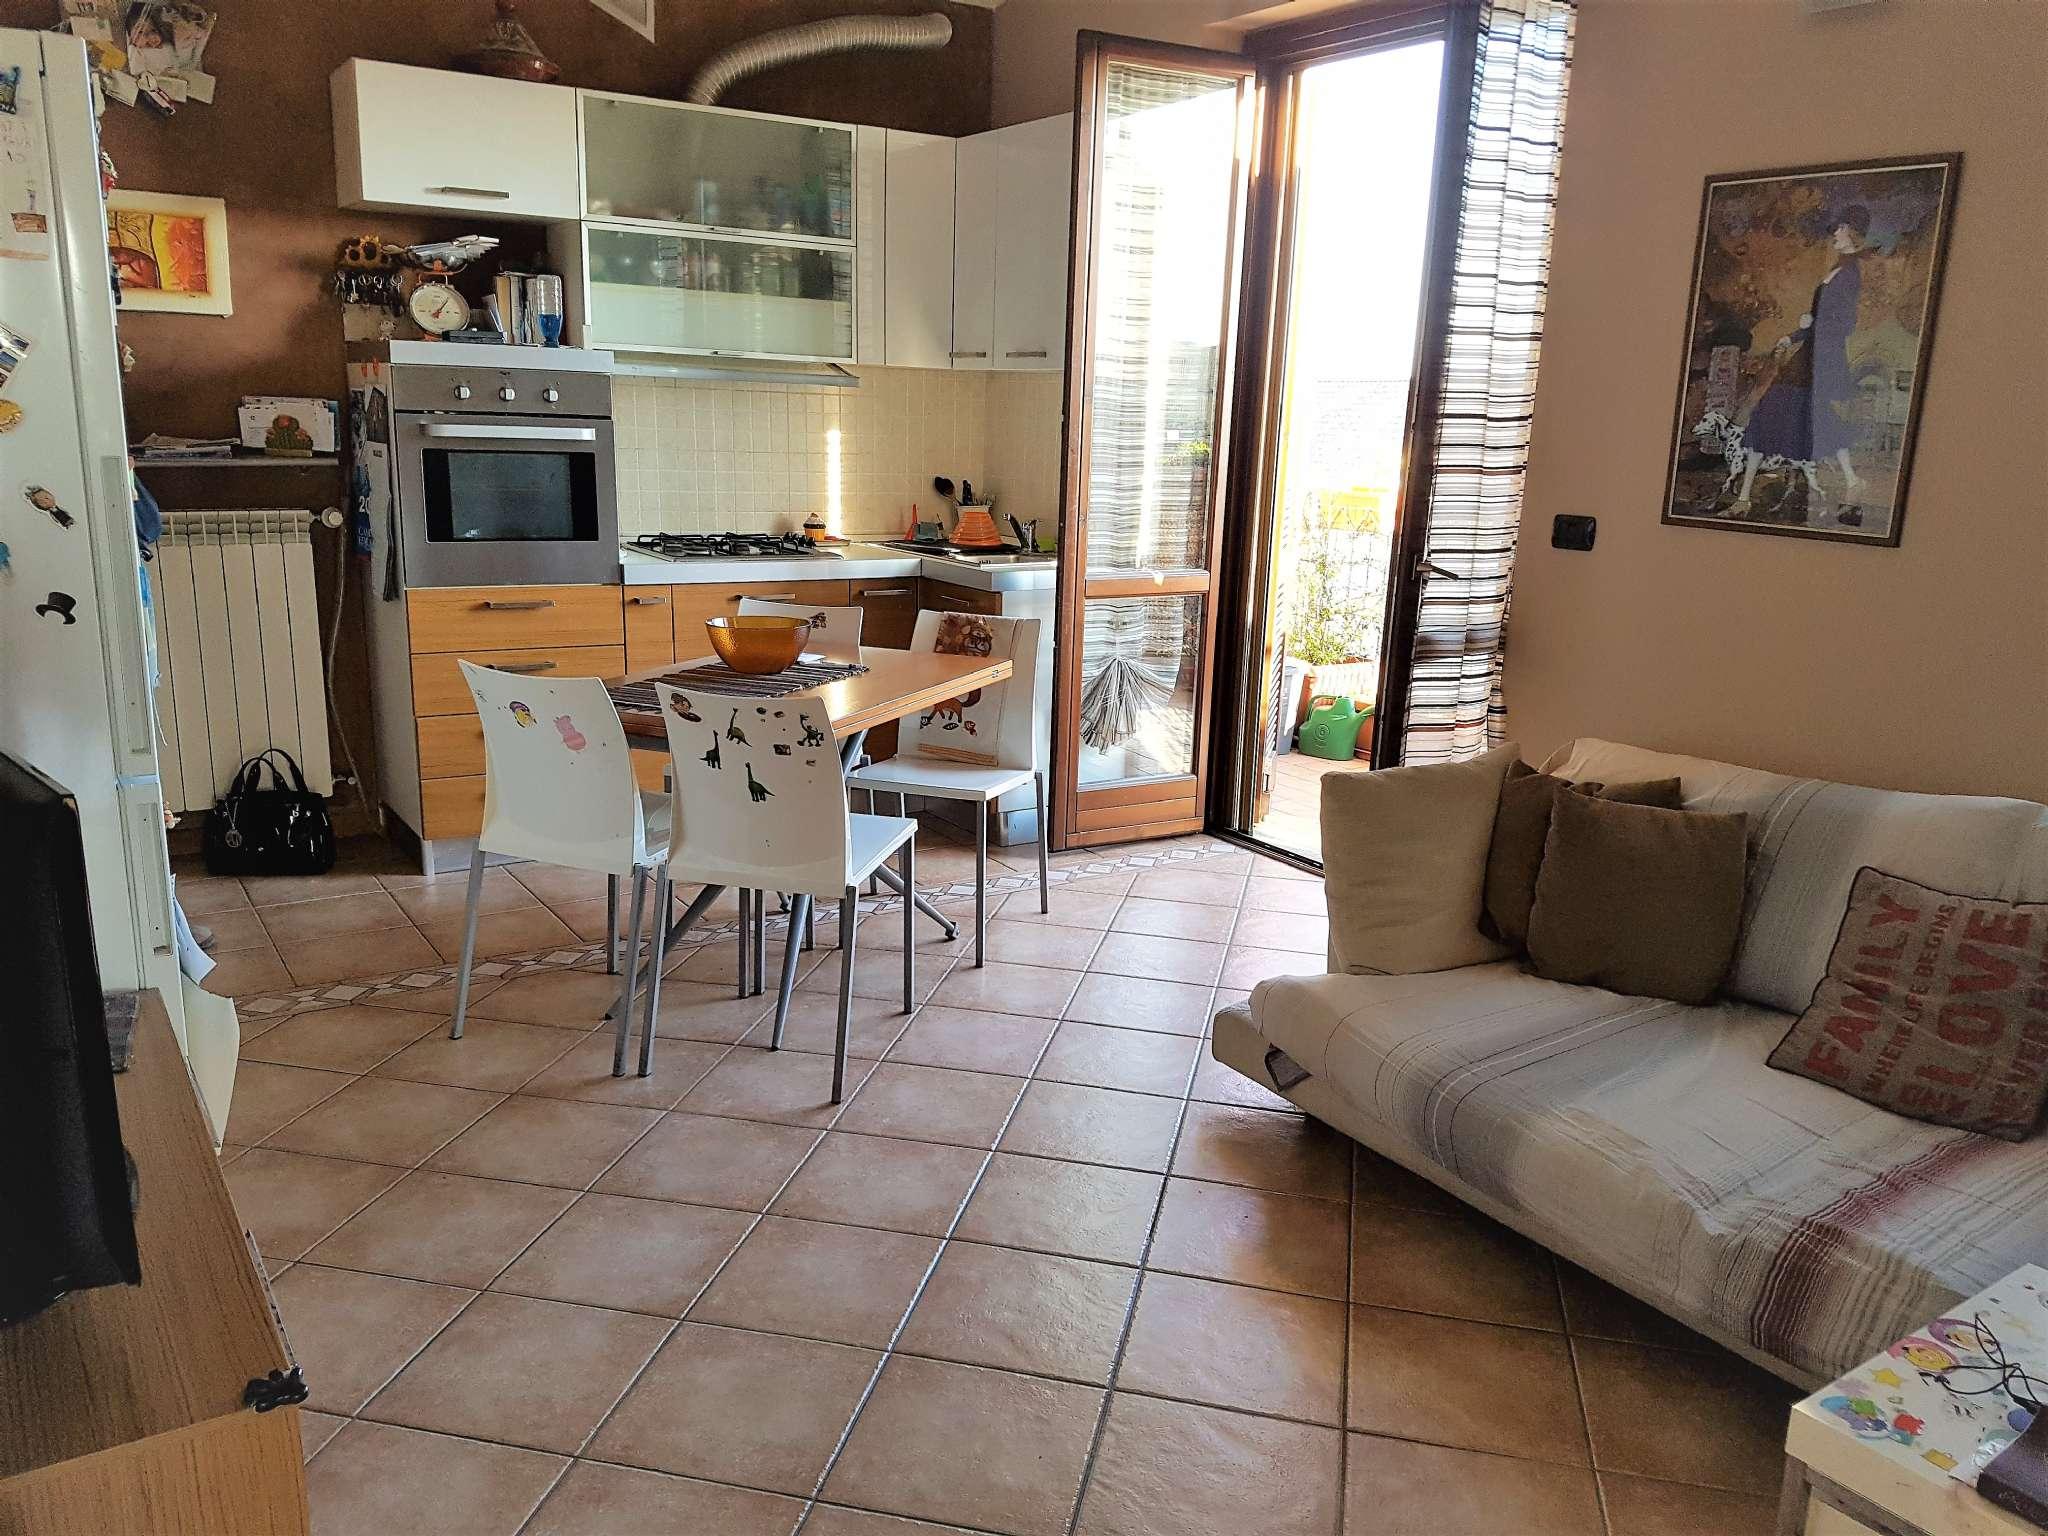 Appartamento in vendita a Arluno, 2 locali, prezzo € 96.000 | Cambio Casa.it